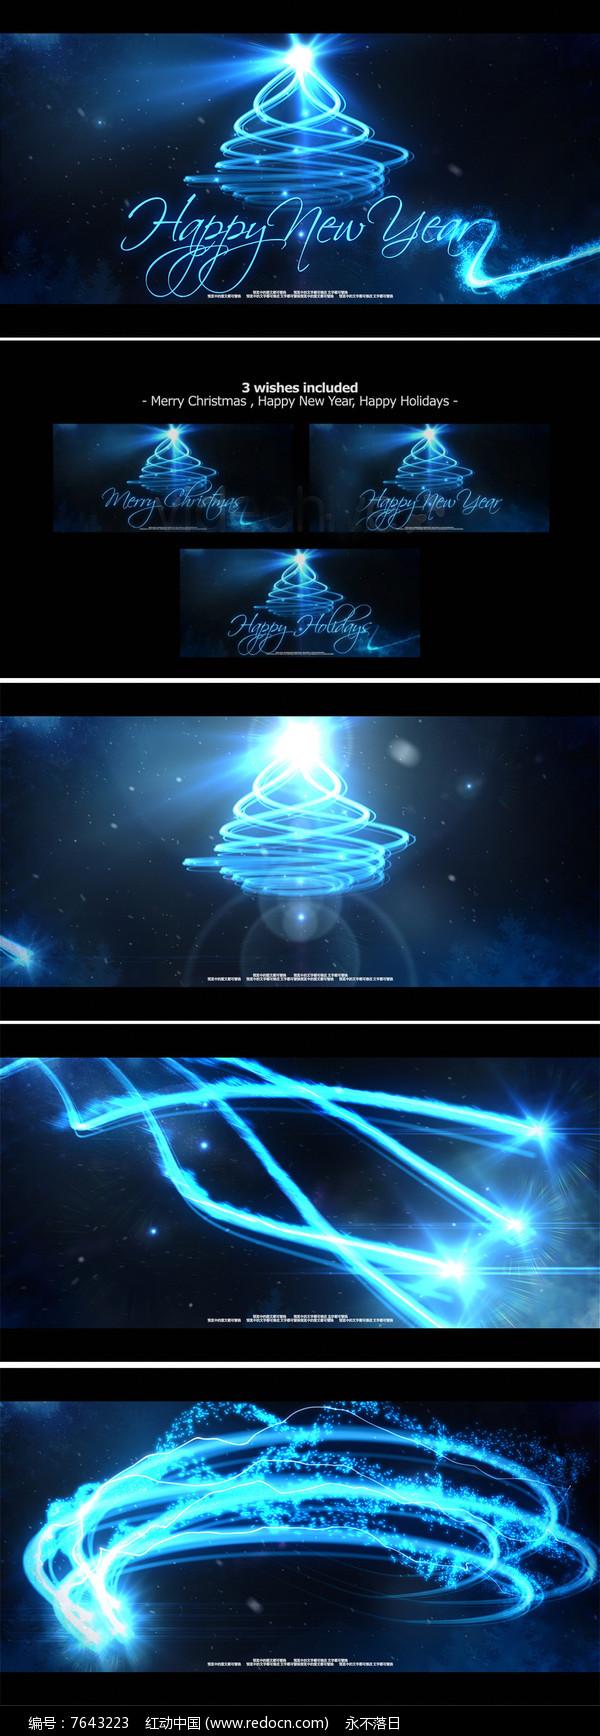 蓝色粒子光线环绕logo标志展示ae模板图片